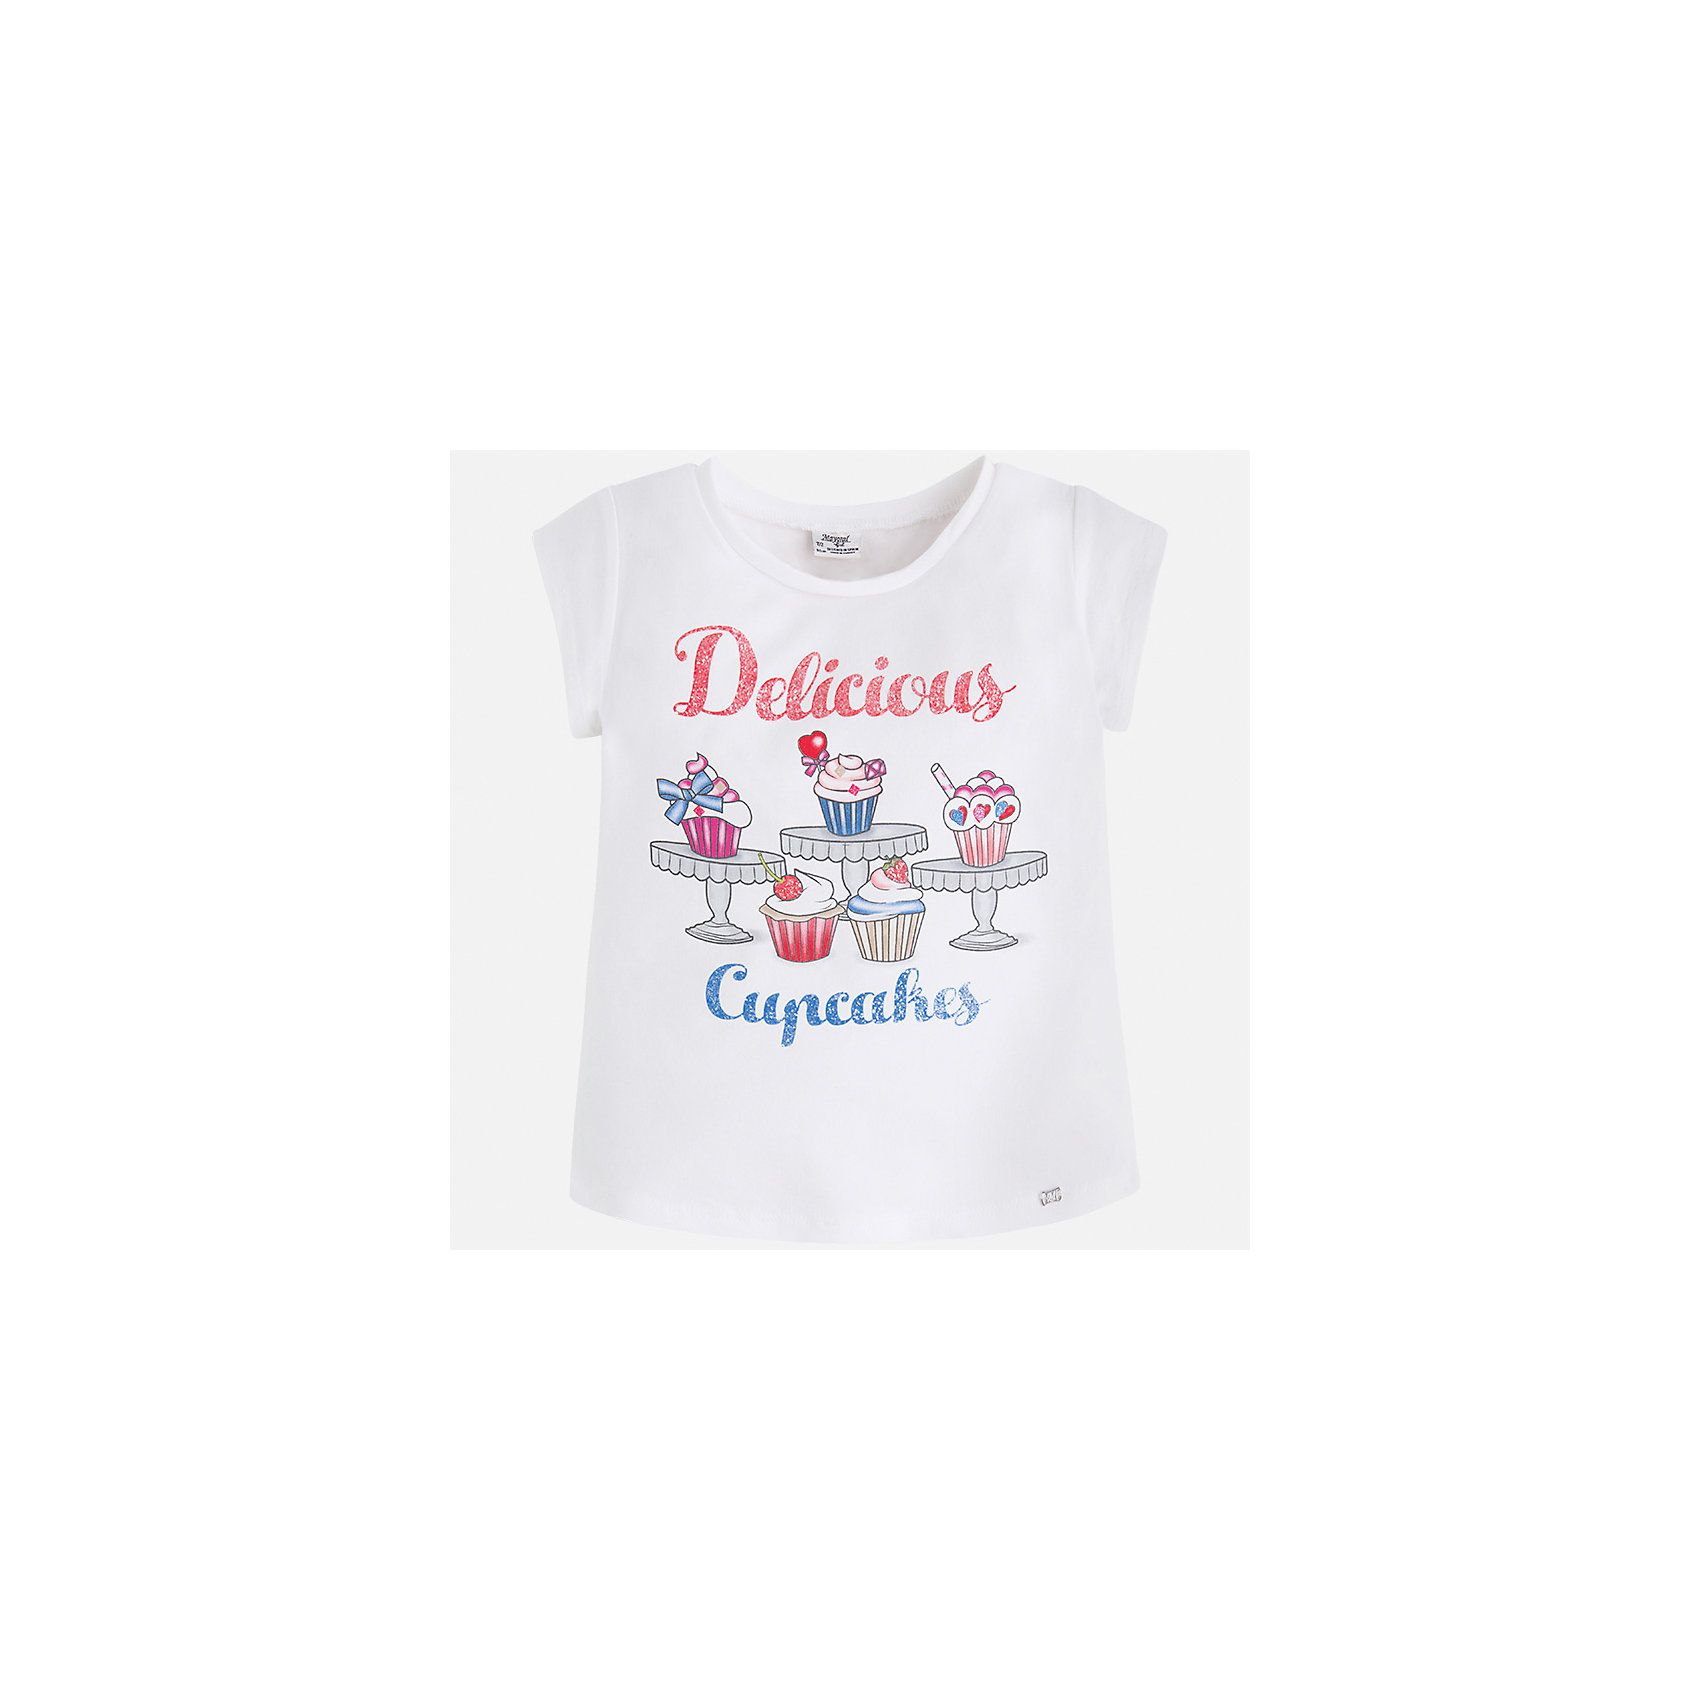 Футболка для девочки MayoralФутболки, поло и топы<br>Характеристики товара:<br><br>• цвет: белый<br>• состав: 95% хлопок, 5% эластан<br>• эластичный материал<br>• декорирована принтом<br>• короткие рукава<br>• округлый горловой вырез<br>• страна бренда: Испания<br><br>Модная качественная футболка для девочки поможет разнообразить гардероб ребенка и украсить наряд. Она отлично сочетается и с юбками, и с шортами, и с брюками. Универсальный цвет позволяет подобрать к вещи низ практически любой расцветки. Интересная отделка модели делает её нарядной и оригинальной. В составе материала есть натуральный хлопок, гипоаллергенный, приятный на ощупь, дышащий.<br><br>Одежда, обувь и аксессуары от испанского бренда Mayoral полюбились детям и взрослым по всему миру. Модели этой марки - стильные и удобные. Для их производства используются только безопасные, качественные материалы и фурнитура. Порадуйте ребенка модными и красивыми вещами от Mayoral! <br><br>Футболку для девочки от испанского бренда Mayoral (Майорал) можно купить в нашем интернет-магазине.<br><br>Ширина мм: 199<br>Глубина мм: 10<br>Высота мм: 161<br>Вес г: 151<br>Цвет: белый<br>Возраст от месяцев: 96<br>Возраст до месяцев: 108<br>Пол: Женский<br>Возраст: Детский<br>Размер: 134,128,122,116,110,104,98,92<br>SKU: 5300309